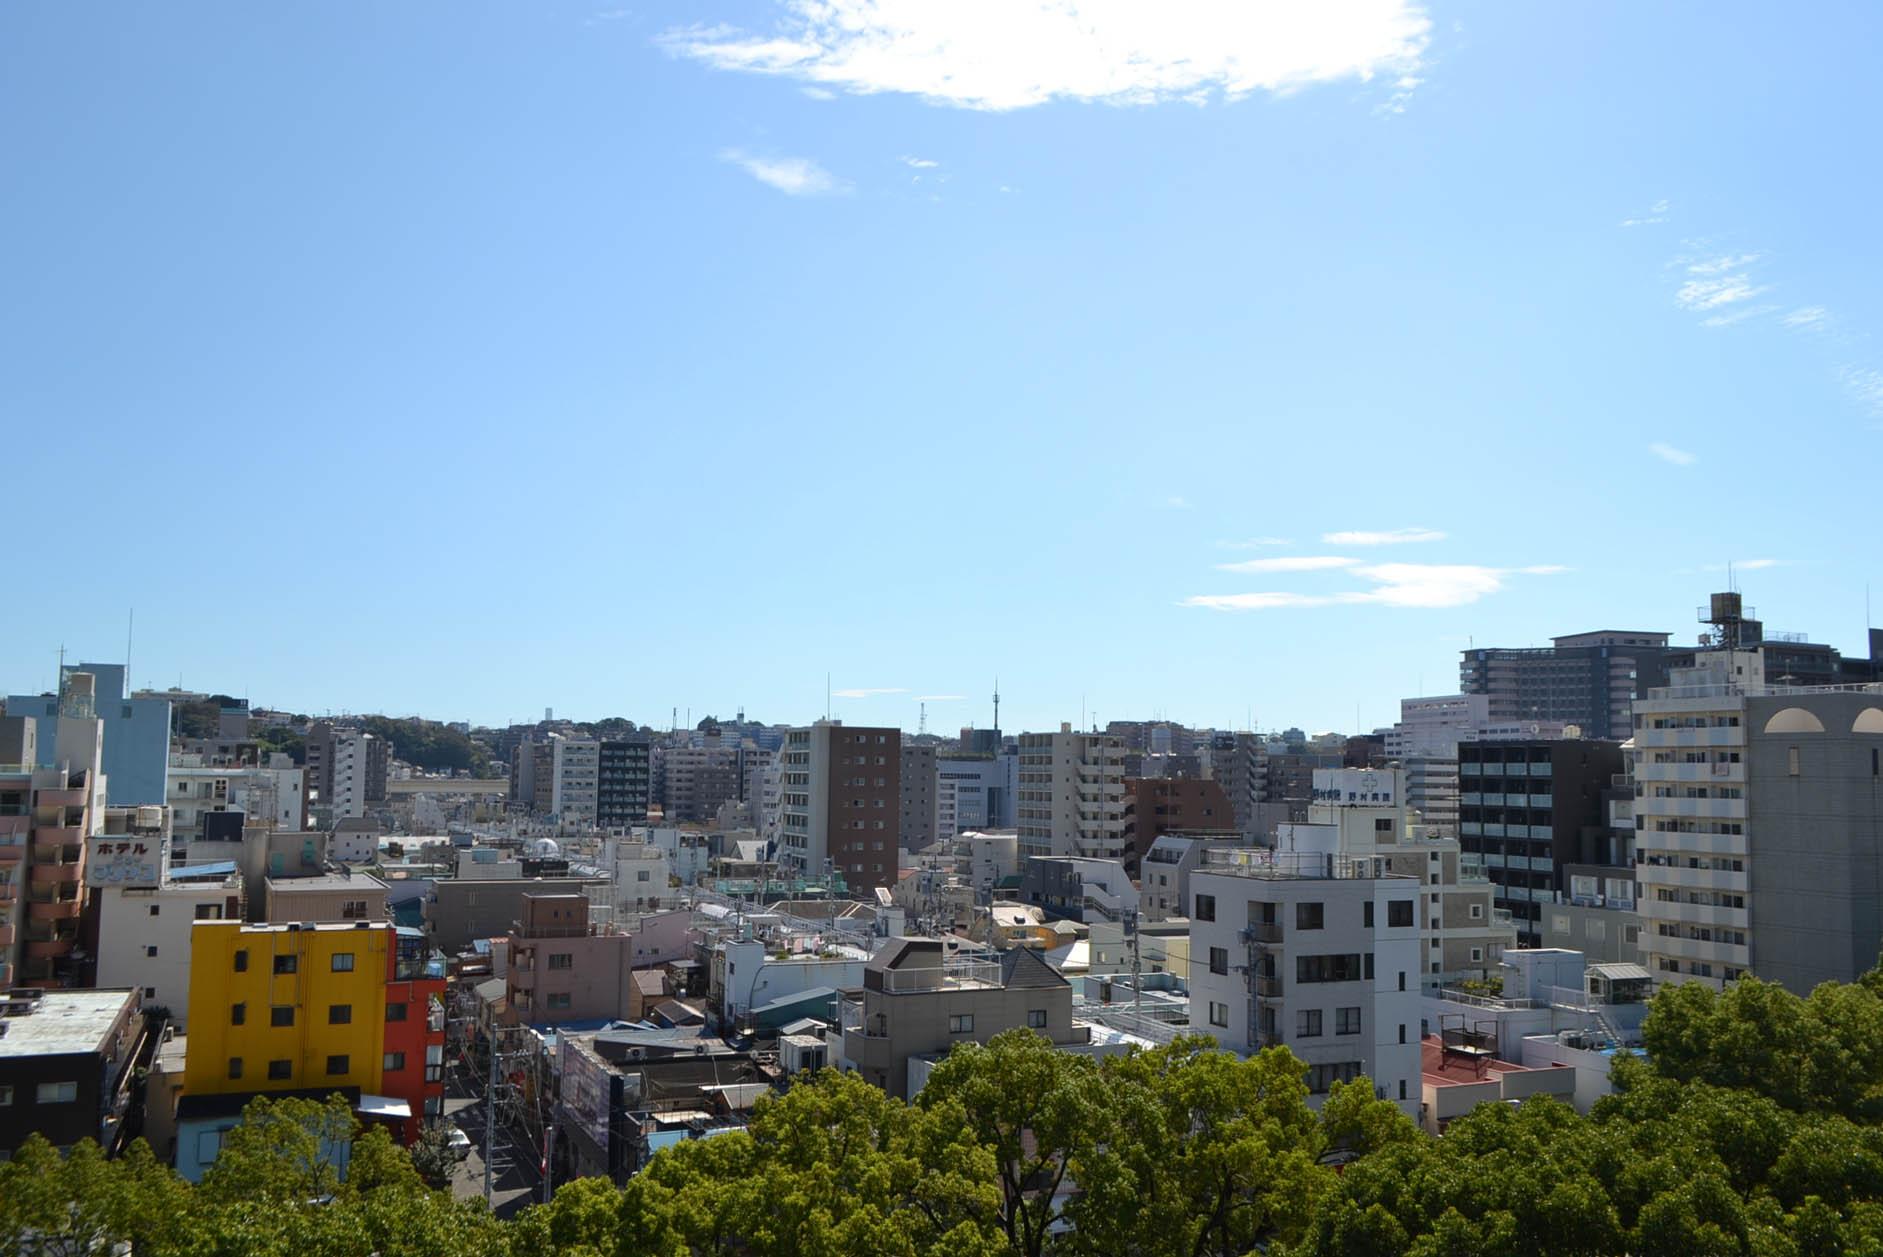 住居バルコニーより眺望。遮るものがない開放感のある景色が広がります。 イメージ